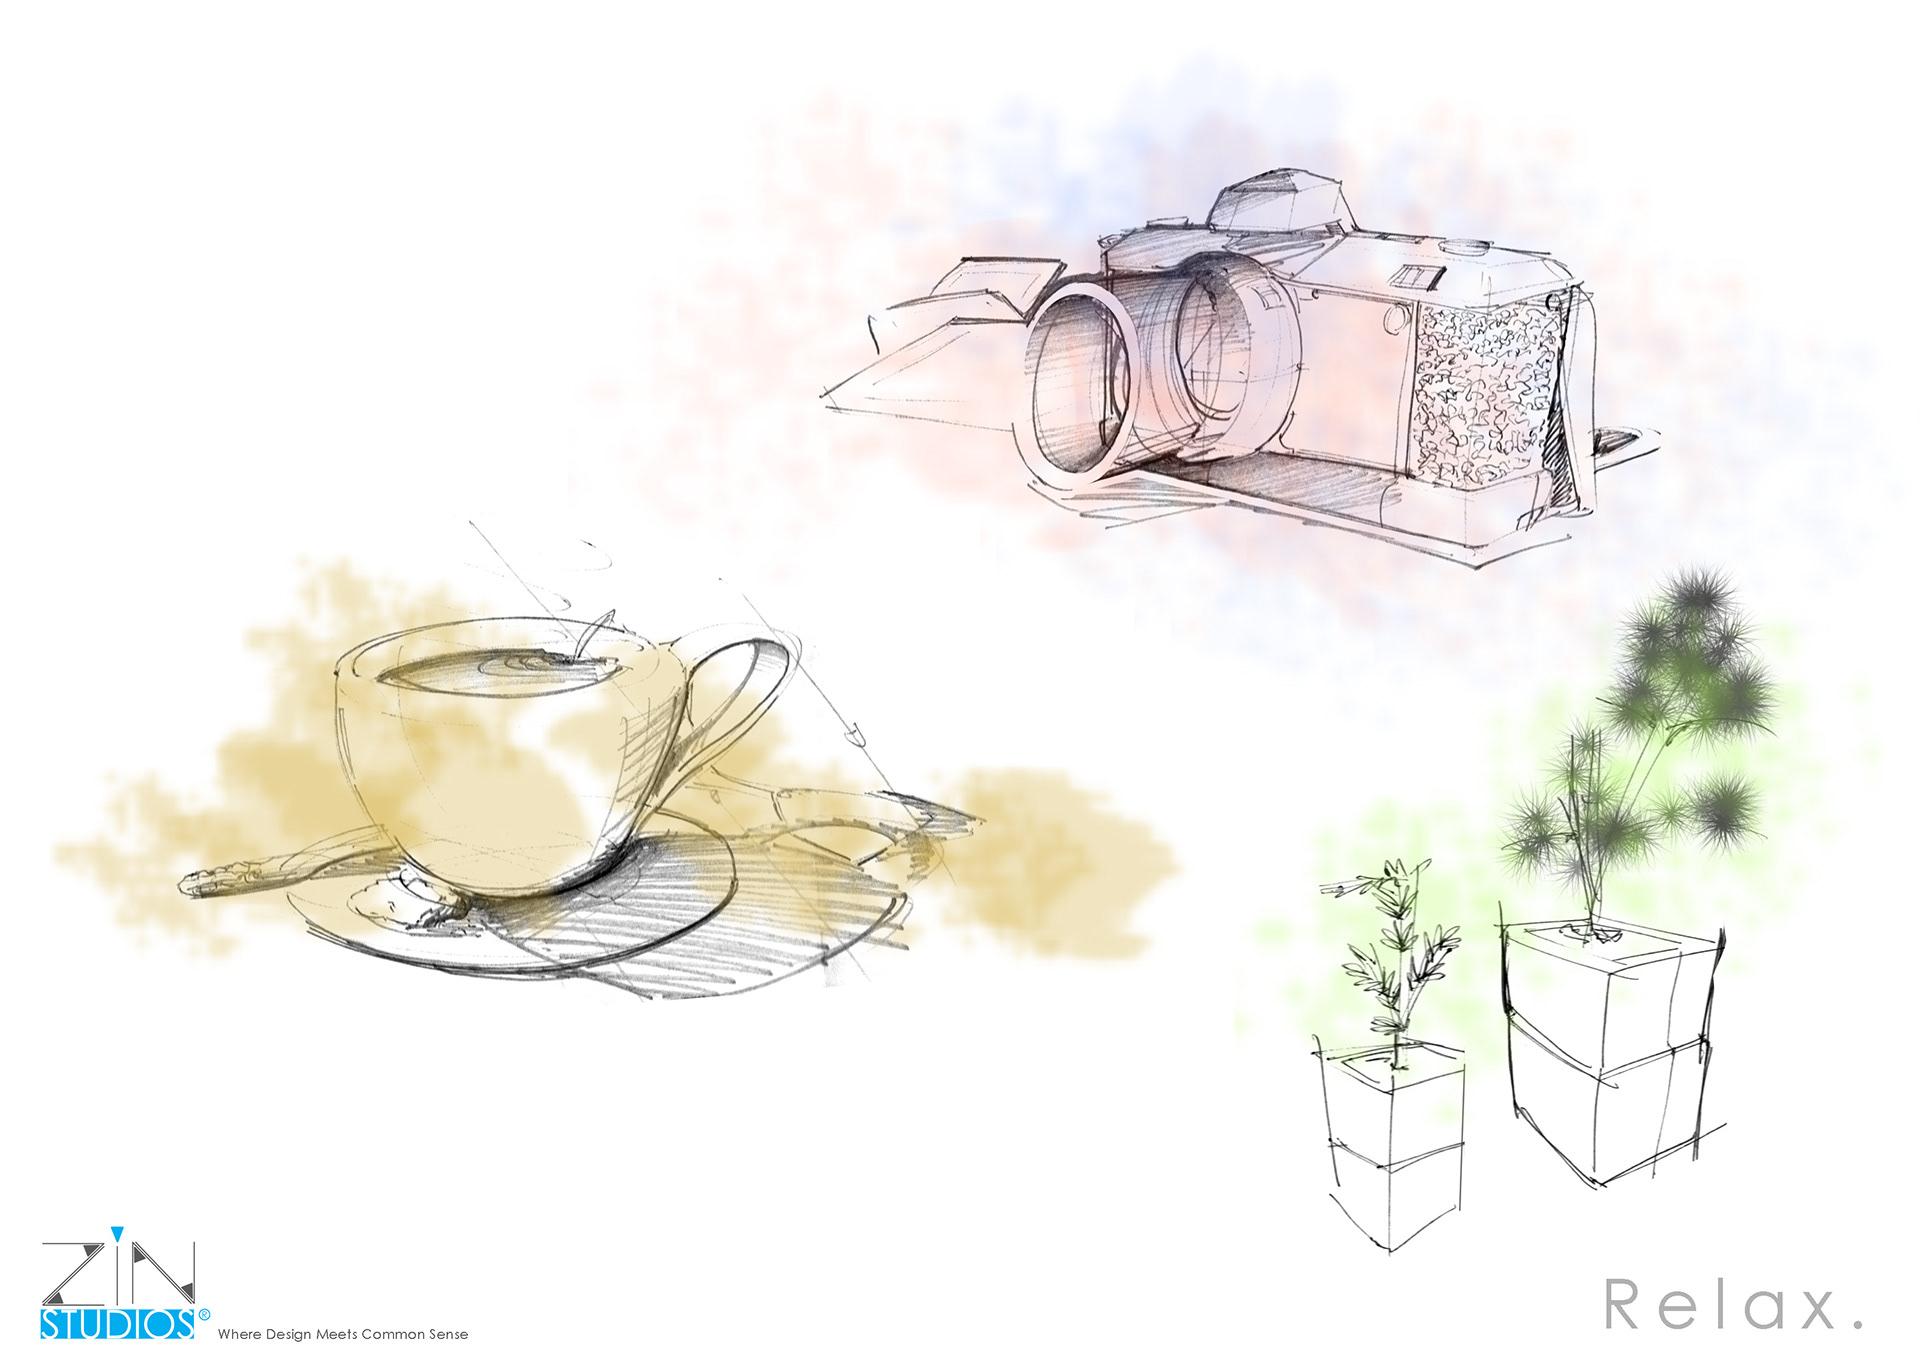 Kevin Chiam - Random Sketches + Marker/Digital Renderings